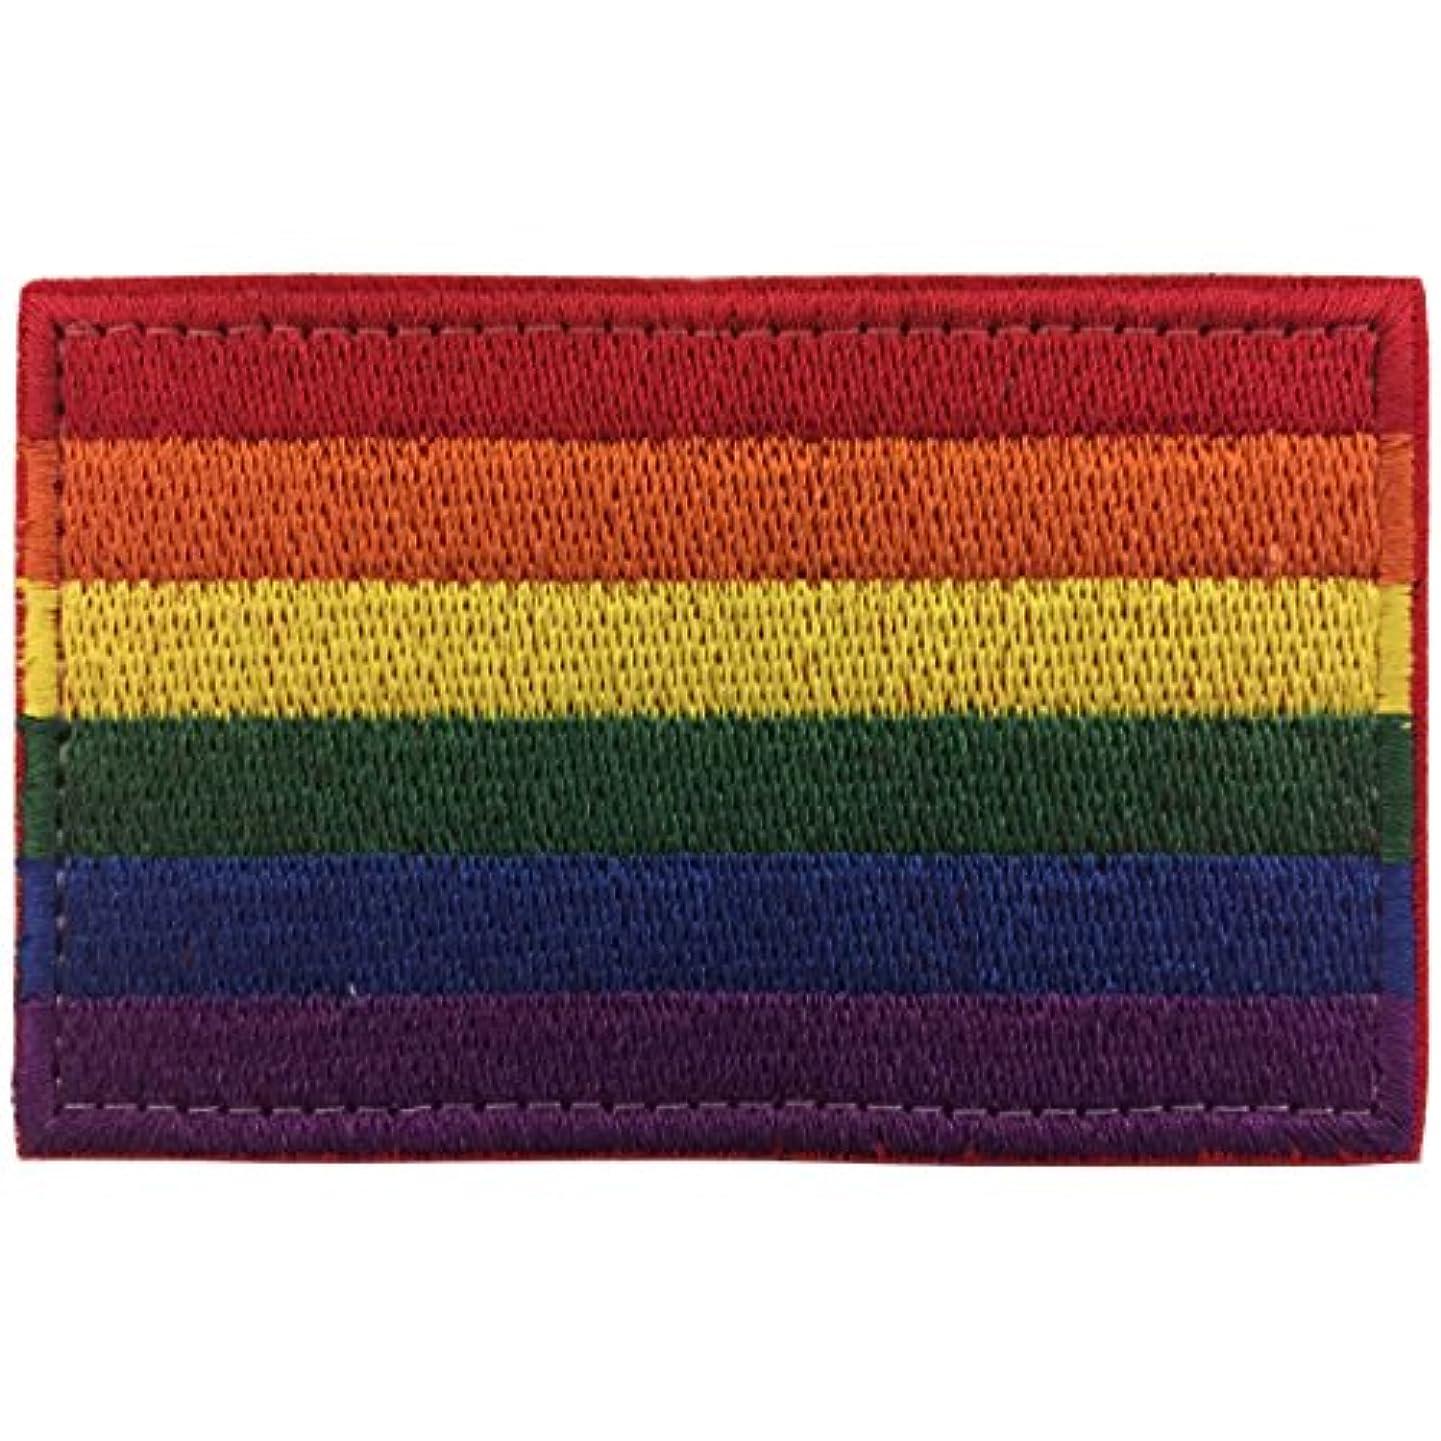 SpaceCar Rainbow LGBT Gay Pride Flag Embroidery Hook & Loop Decorative Morale Patch 3.15